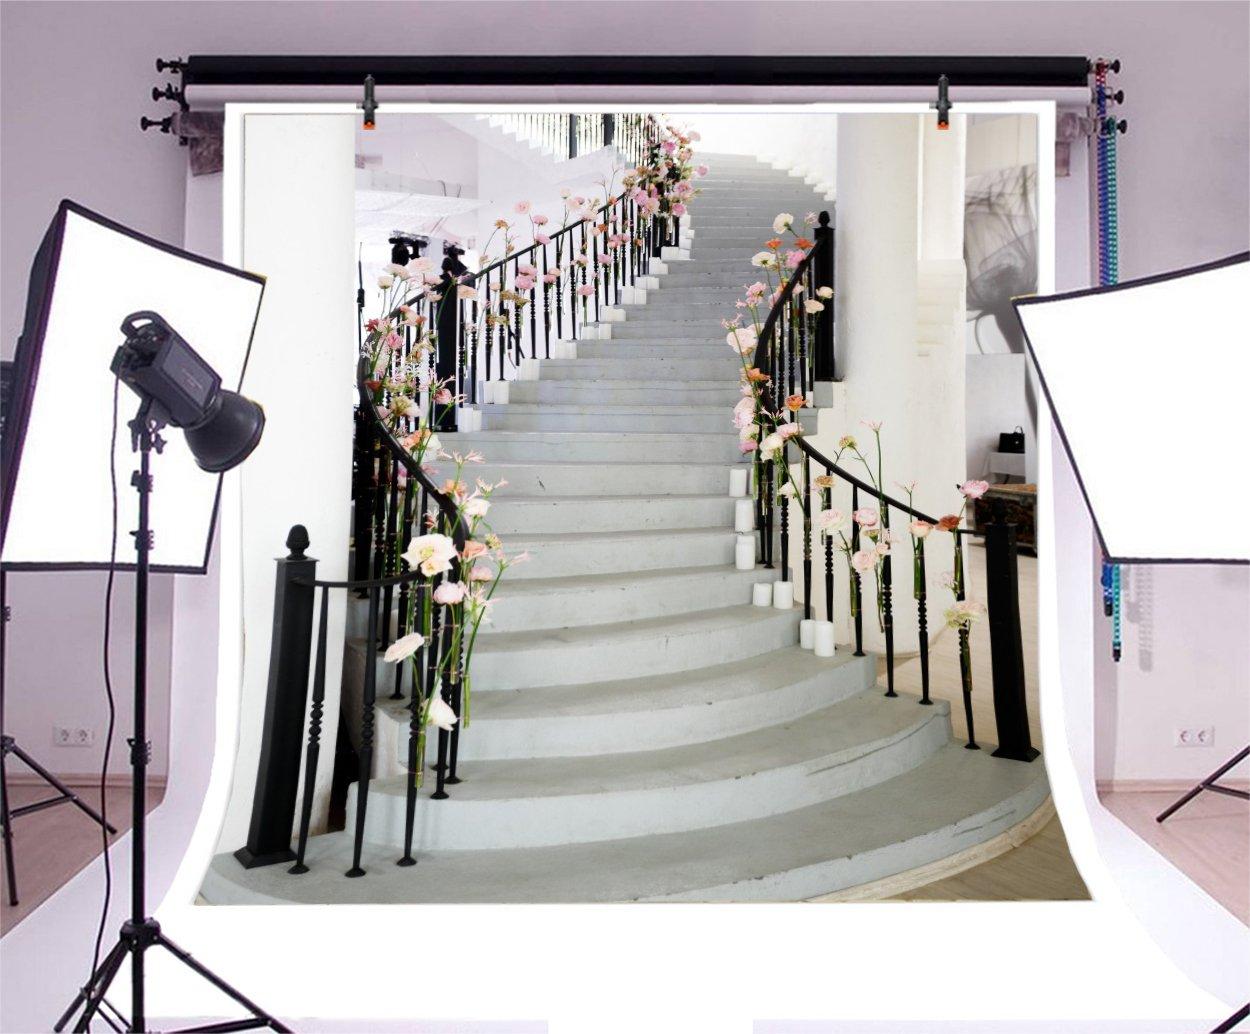 LFEEY 5 x 5 ft boda Birdal Ducha fondos para fotos niñas adultos niños retrato foto bola flores decorado escalera escaleras fotografía fondo foto estudio Props: Amazon.es: Electrónica